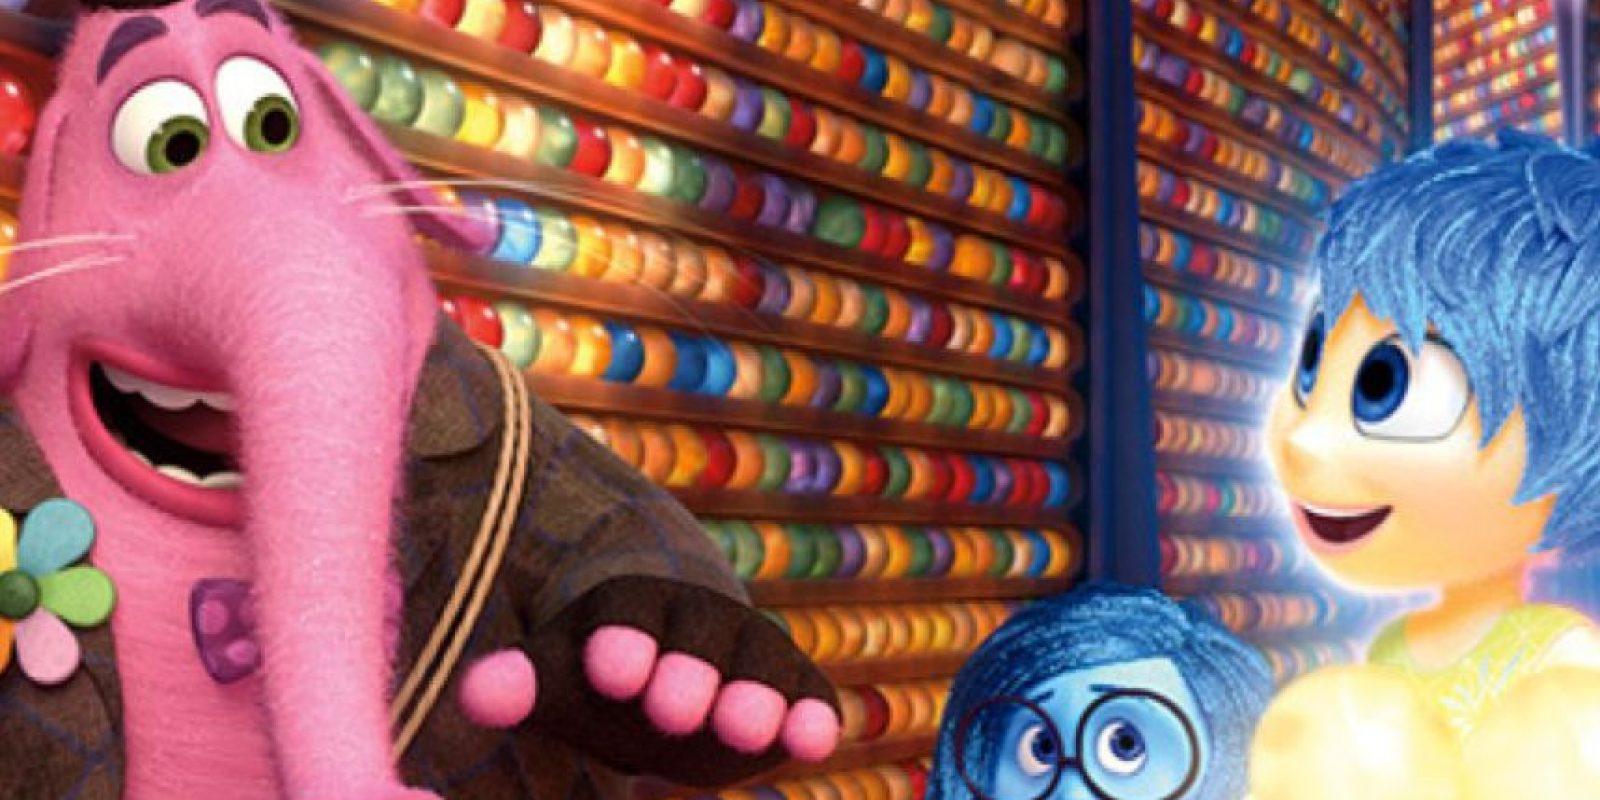 """Aparte de """"Bing- Bong"""" se habían creado otros amigos imaginarios. Foto:vía Pixar"""